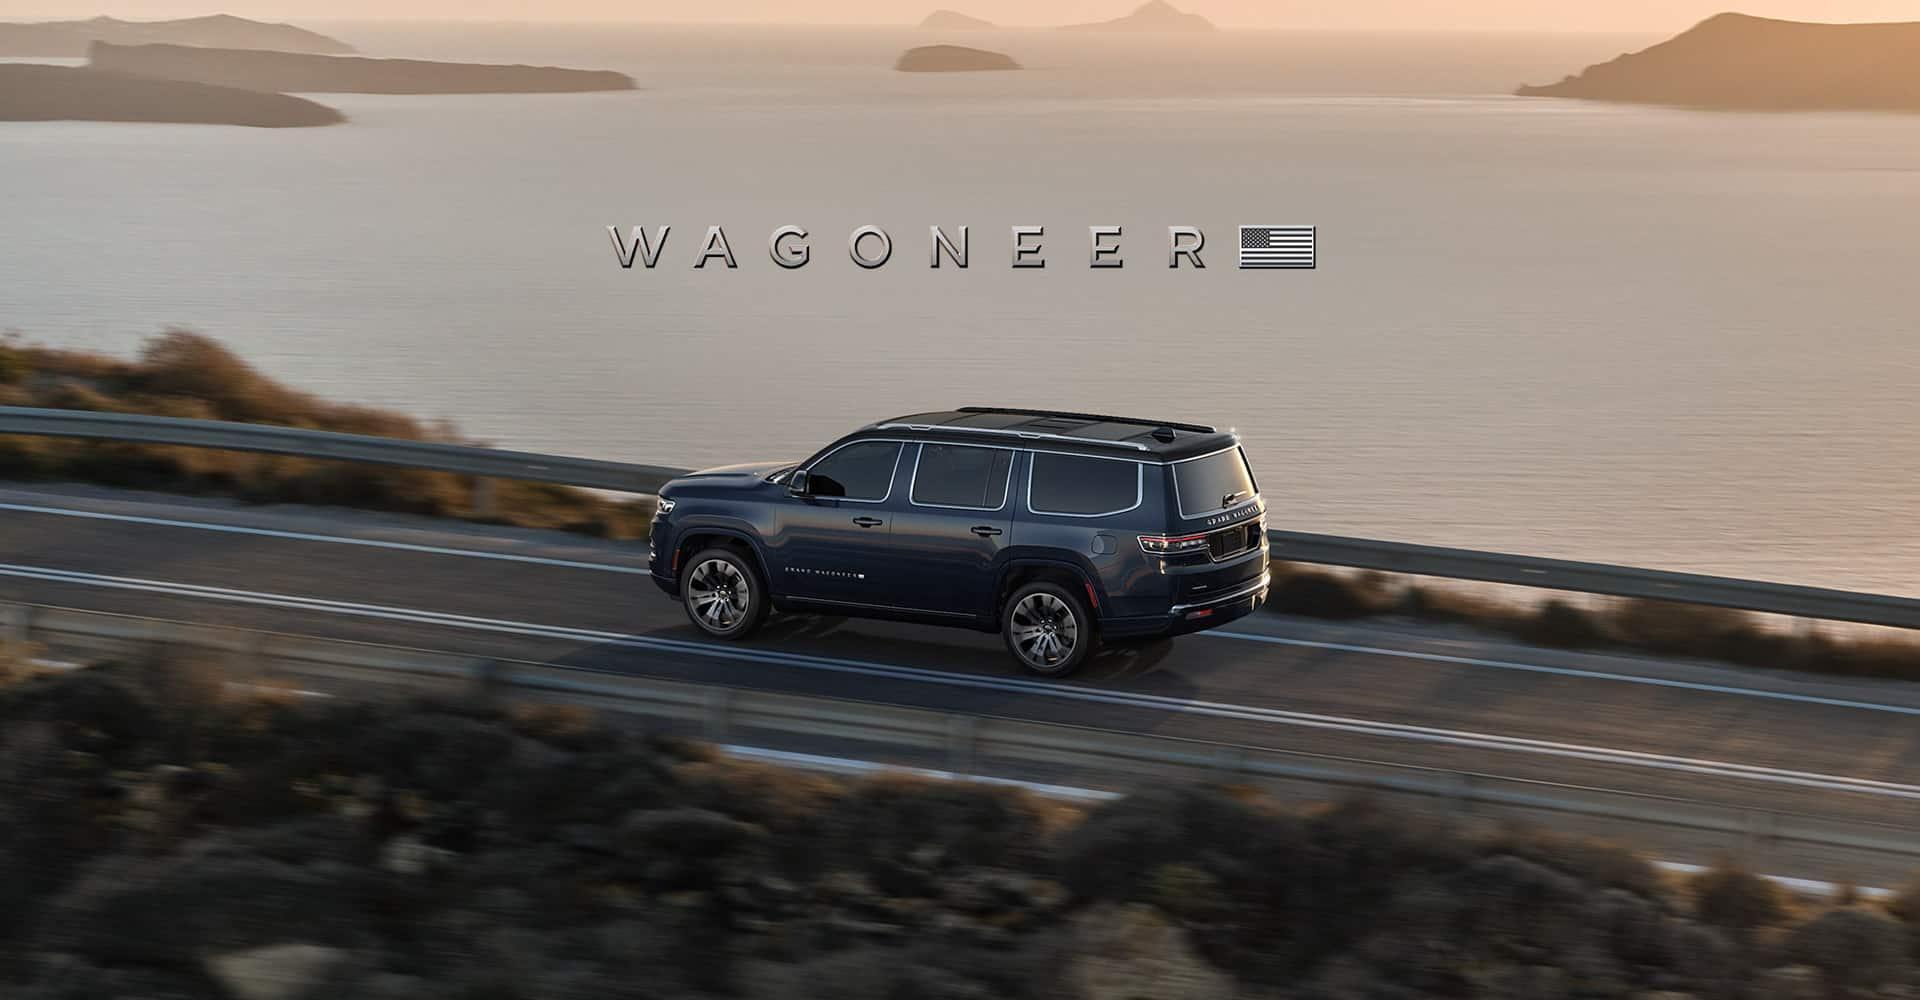 Wagoneer. ElWagoneer2022 yGrand Wagoneer2022 estacionados en la entrada de un chalet grande.